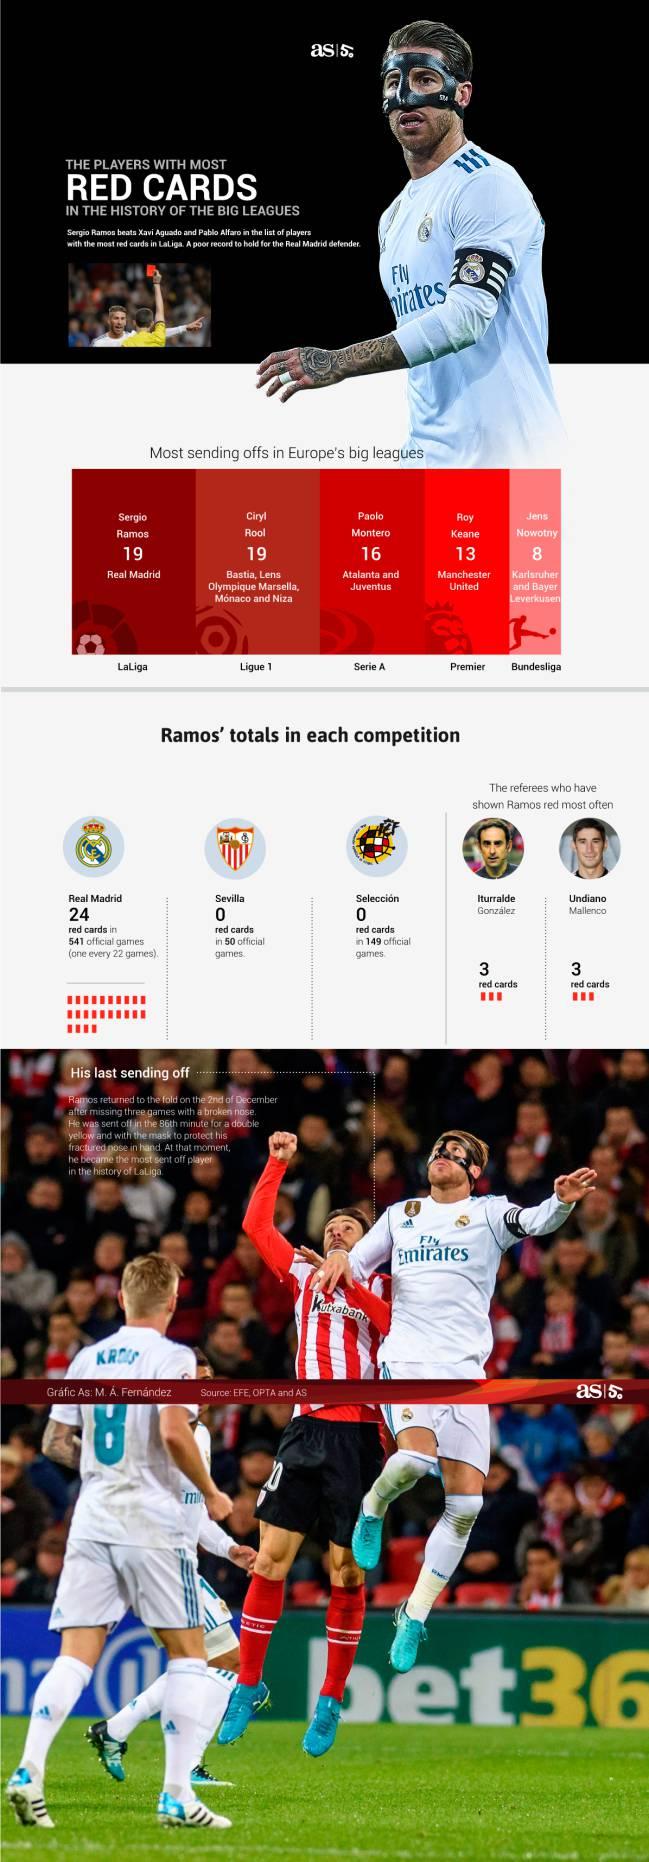 拉莫斯19张红牌